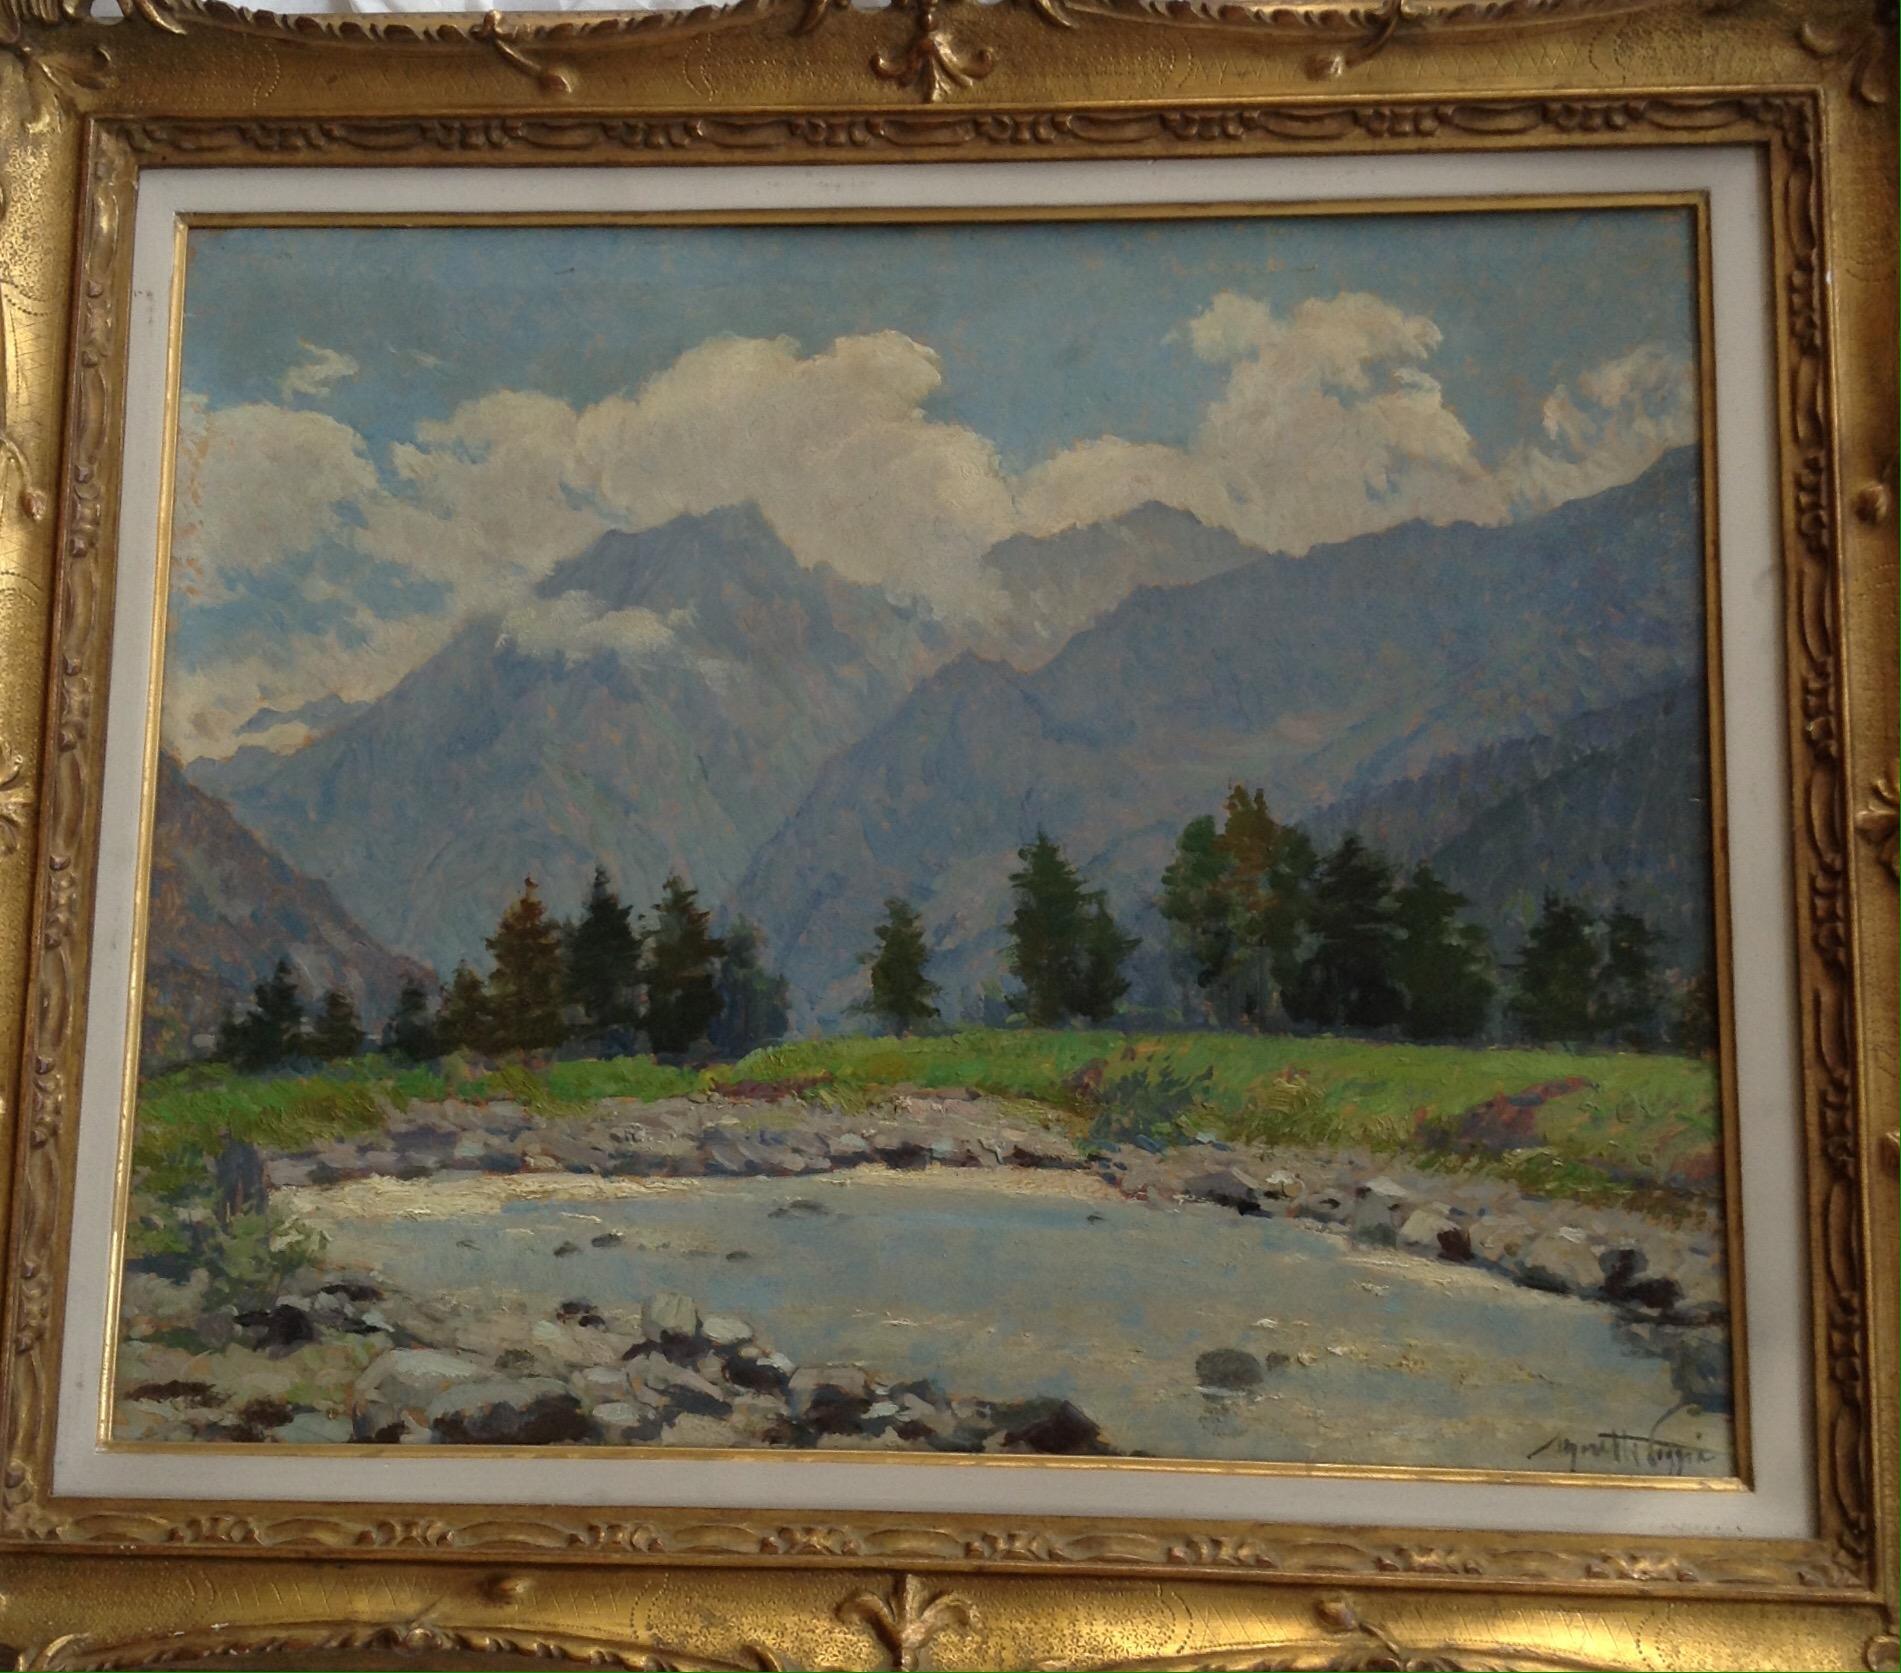 Luminosissimo olio su tavola raffigurante laghetto di for Moretti foggia pittore